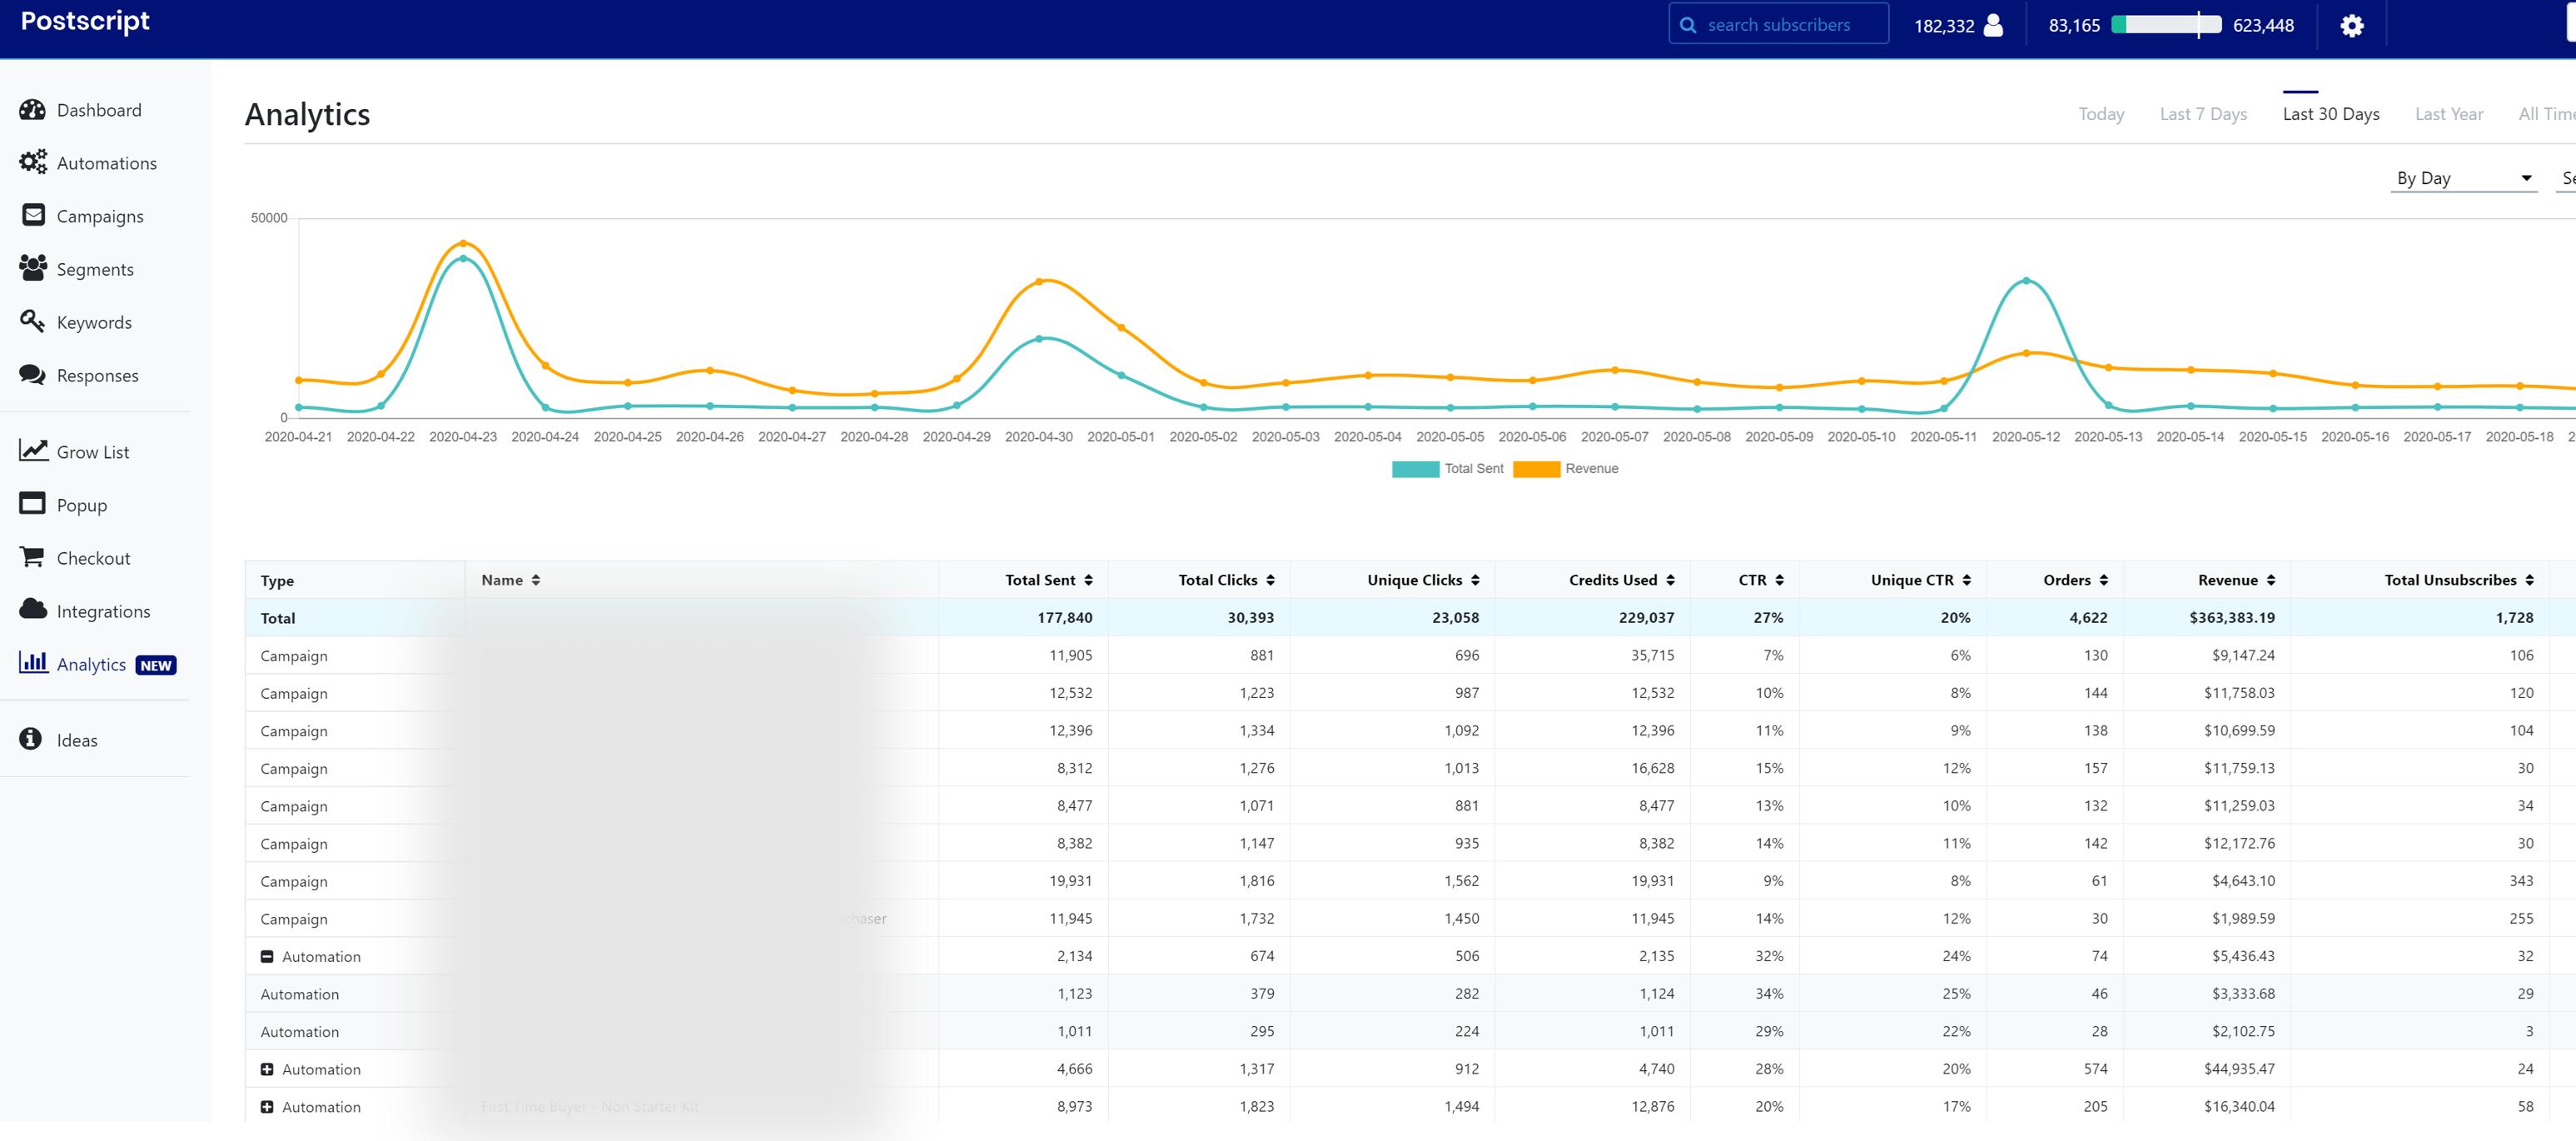 postscript dashboard showing analytics